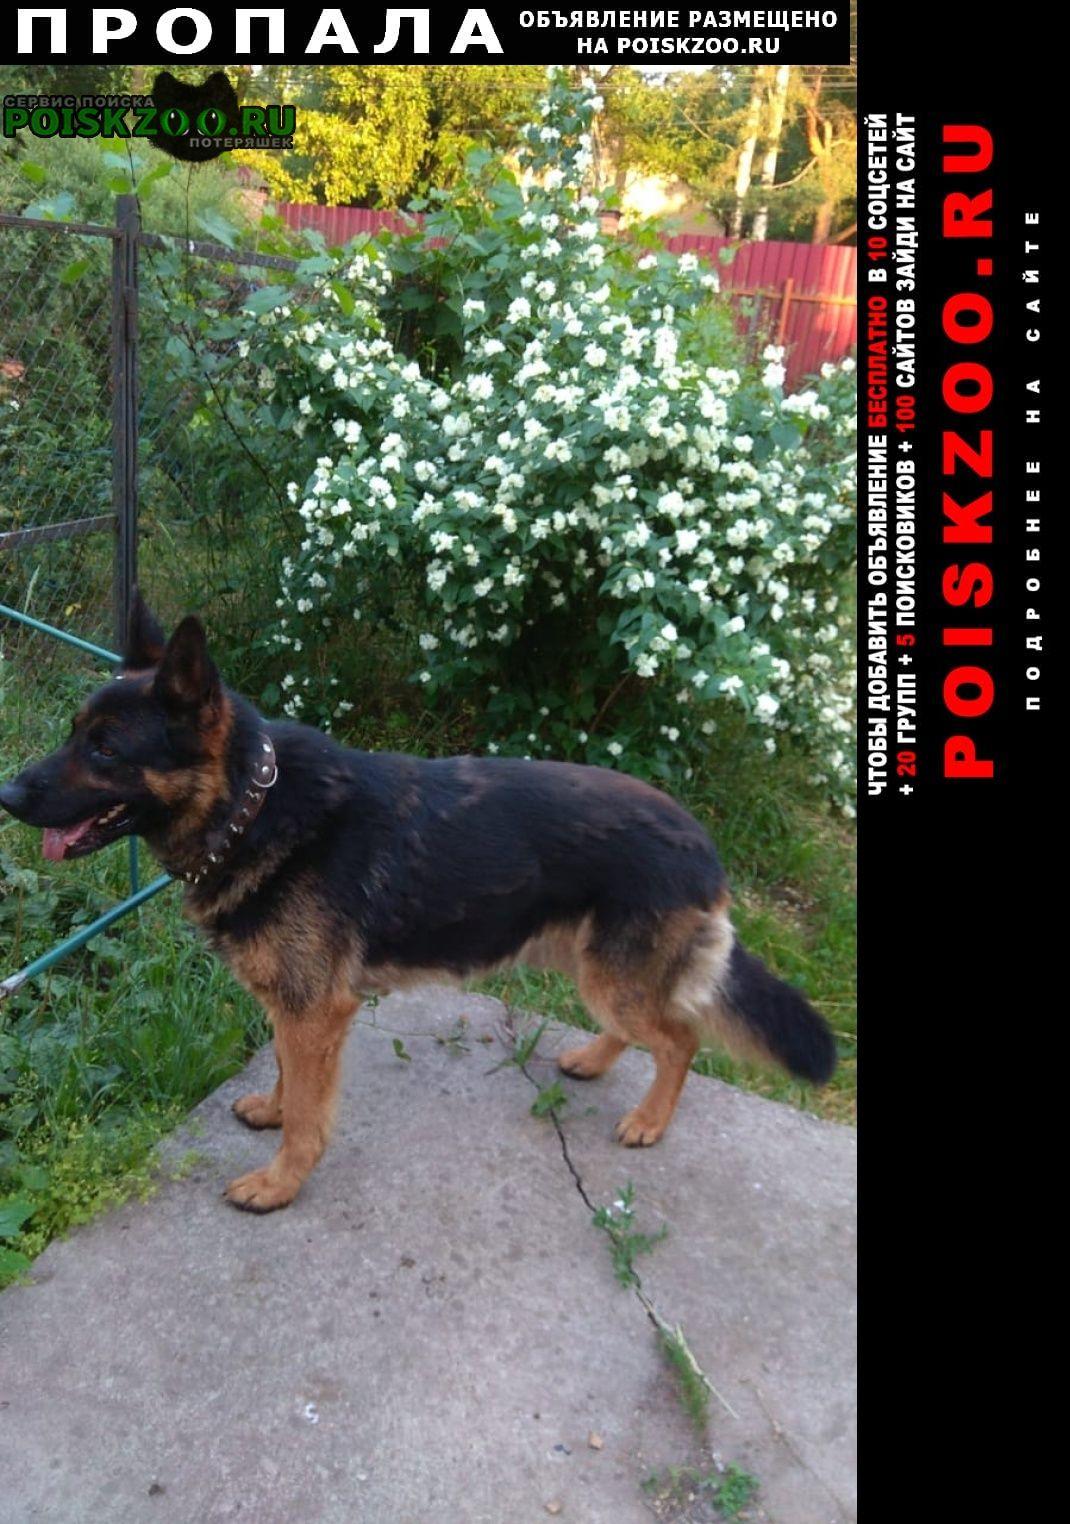 Пропала собака кобель немецкая овчарка чепрачный Малаховка